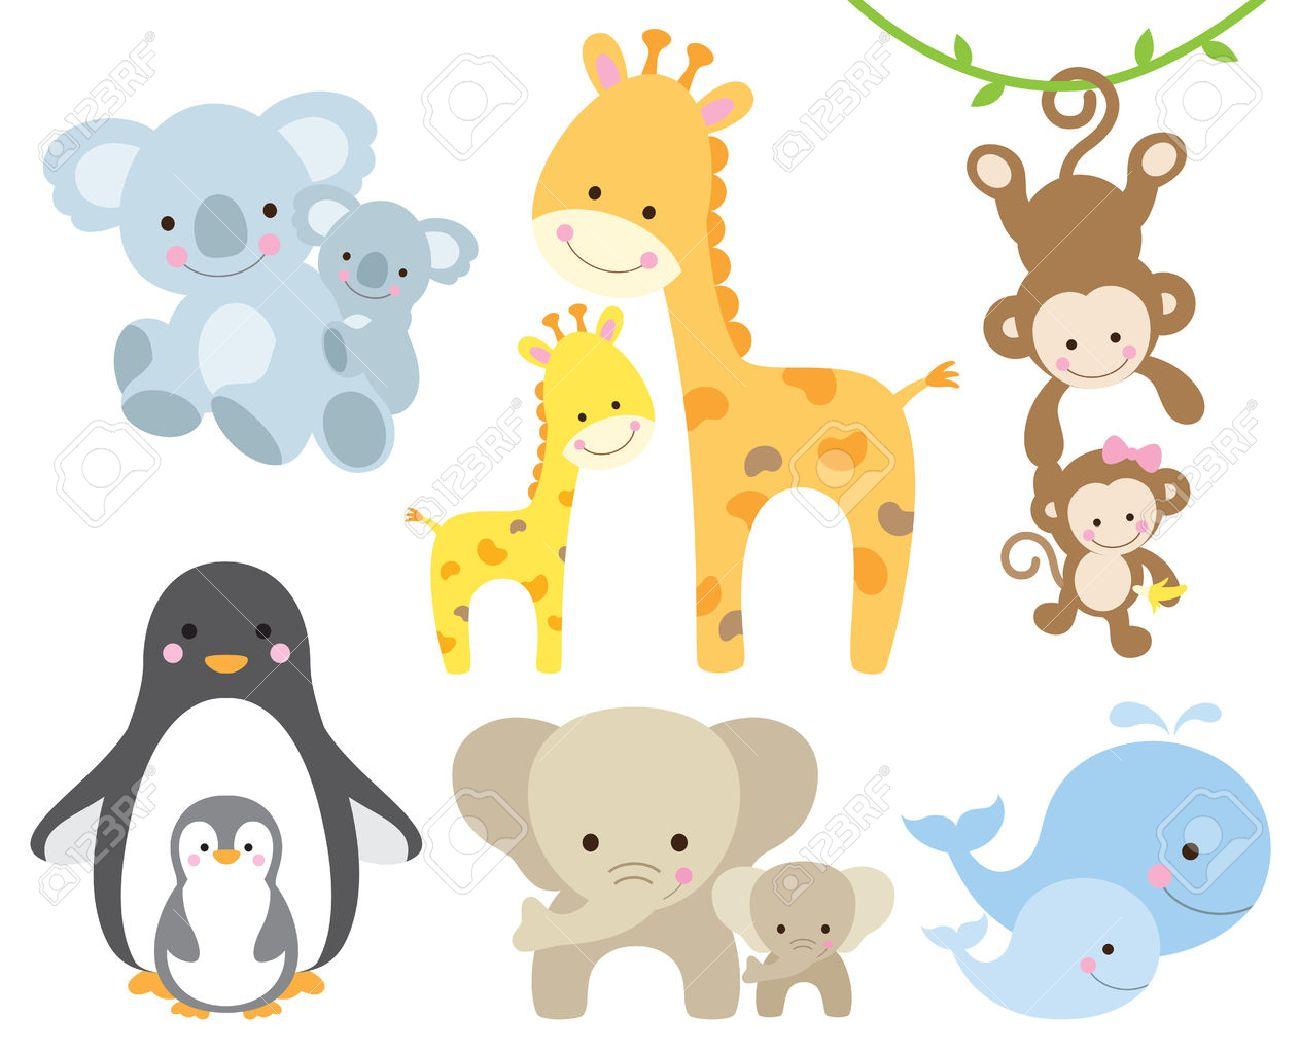 動物と赤ちゃんコアラ、ペンギン、キリン、ゾウ、サルのベクトル